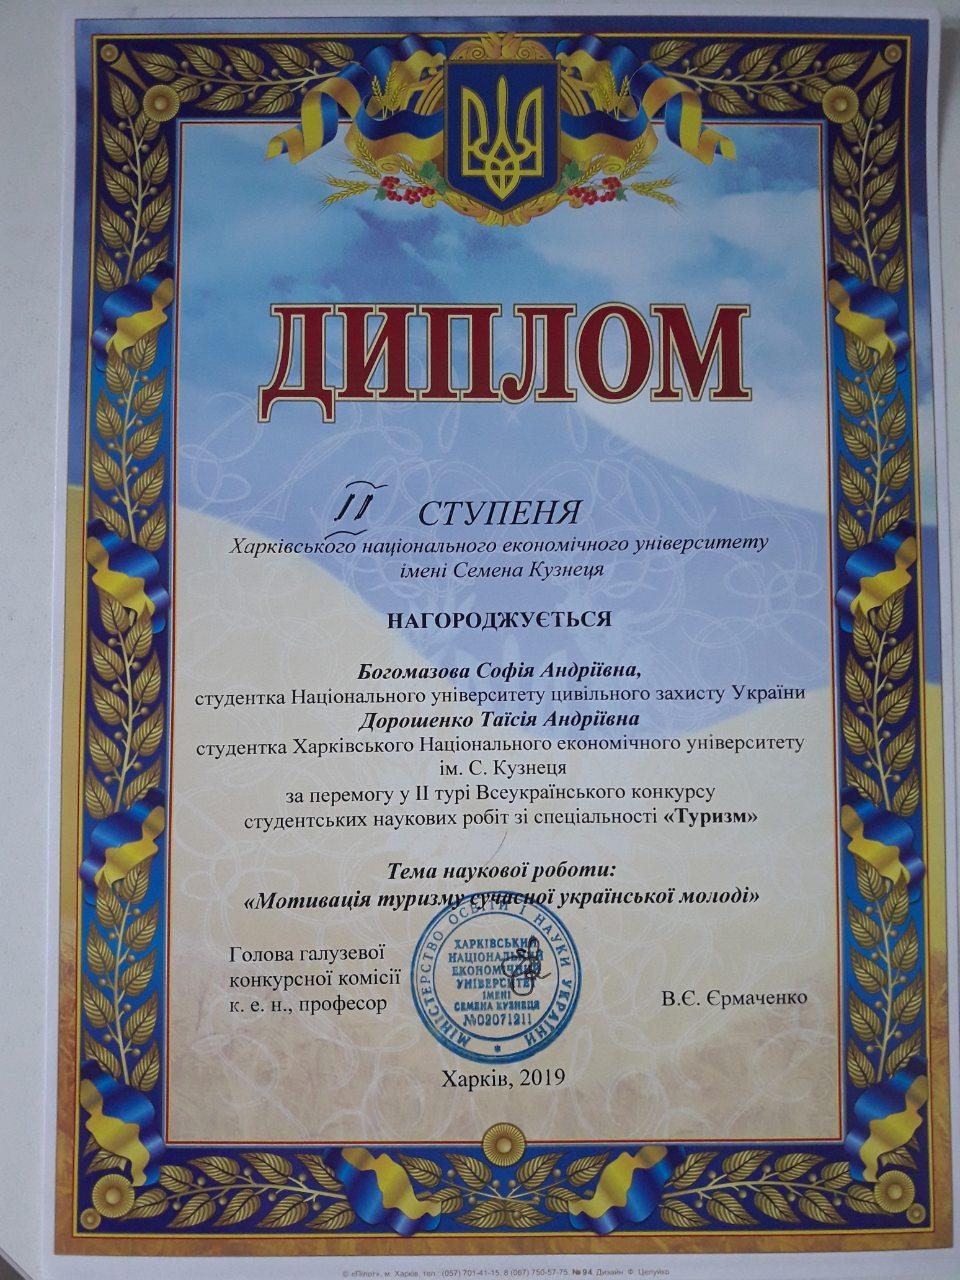 http://edu-mns.org.ua/img/news/8327/1.jpg